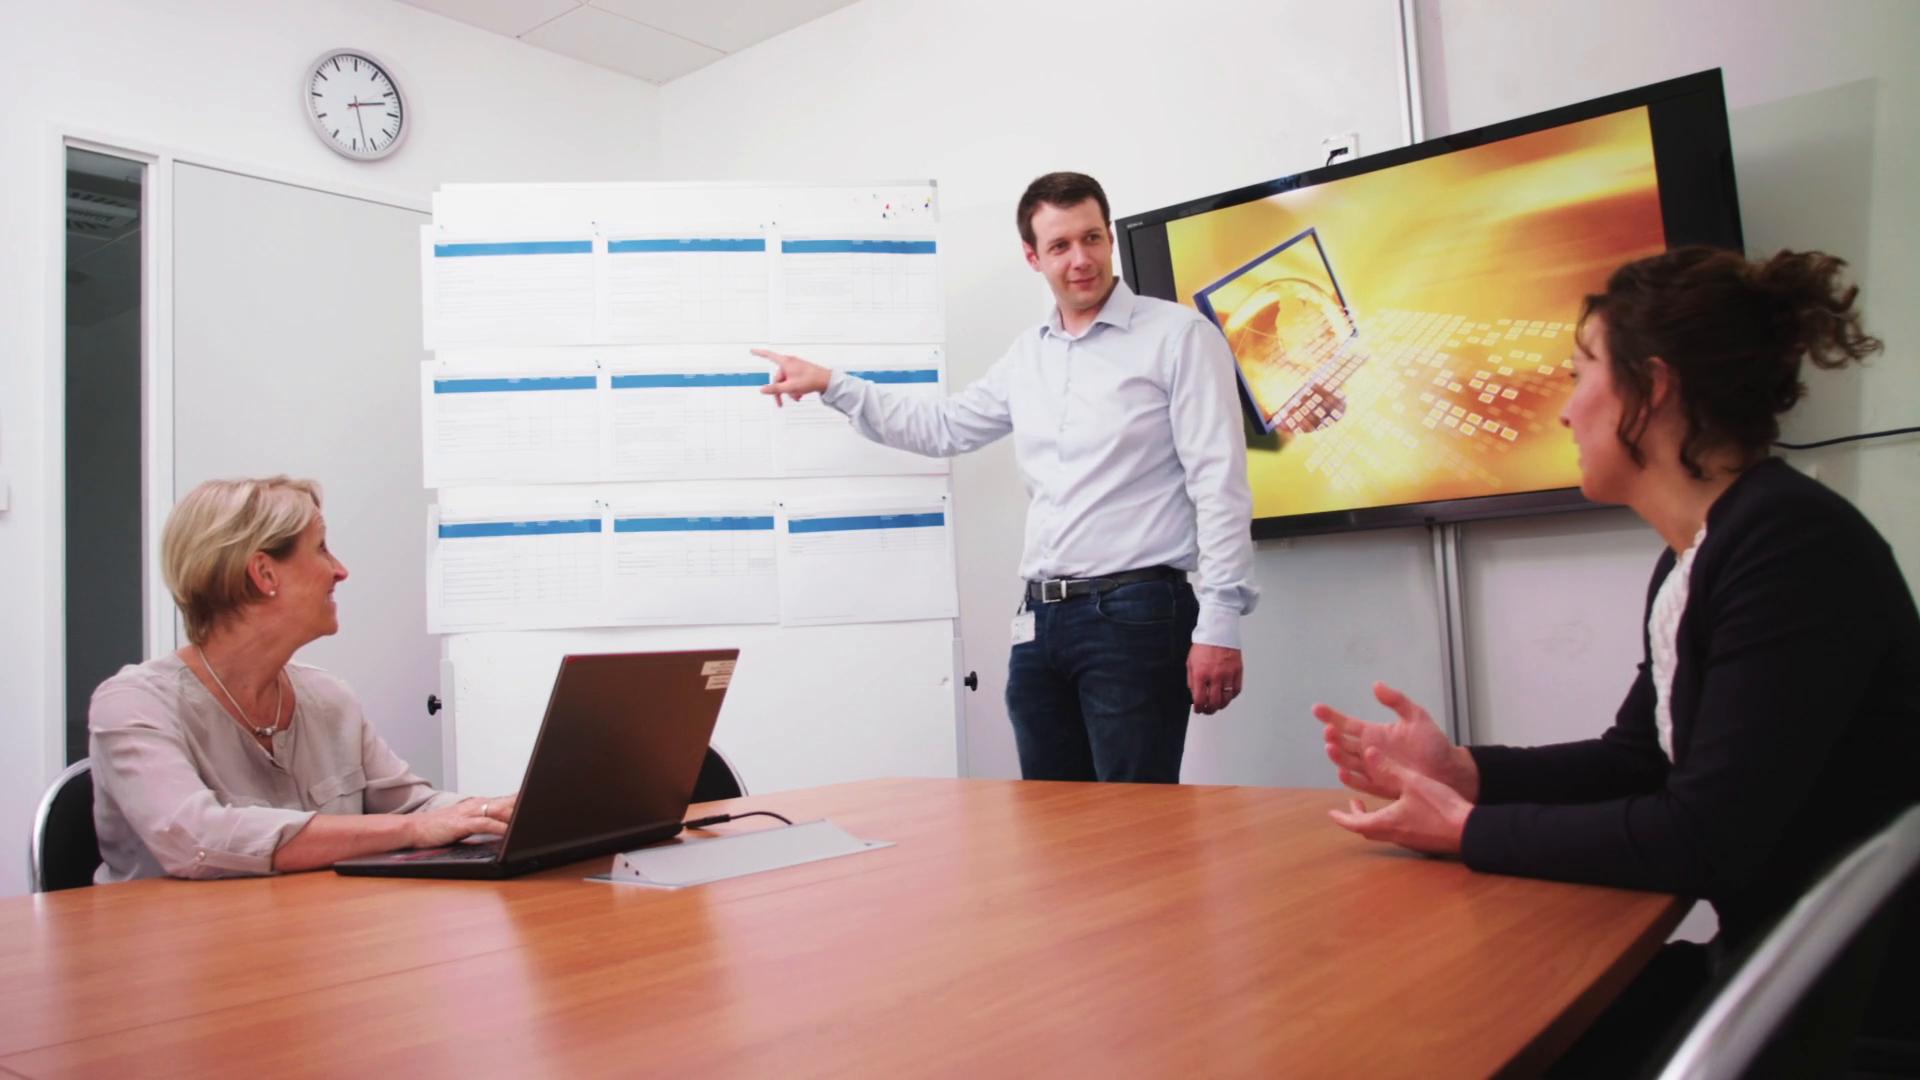 Mitarbeiter des BeschA in einem Meeting. Im Hintergrund sind ein Monitor und eine Tafel zu sehen.